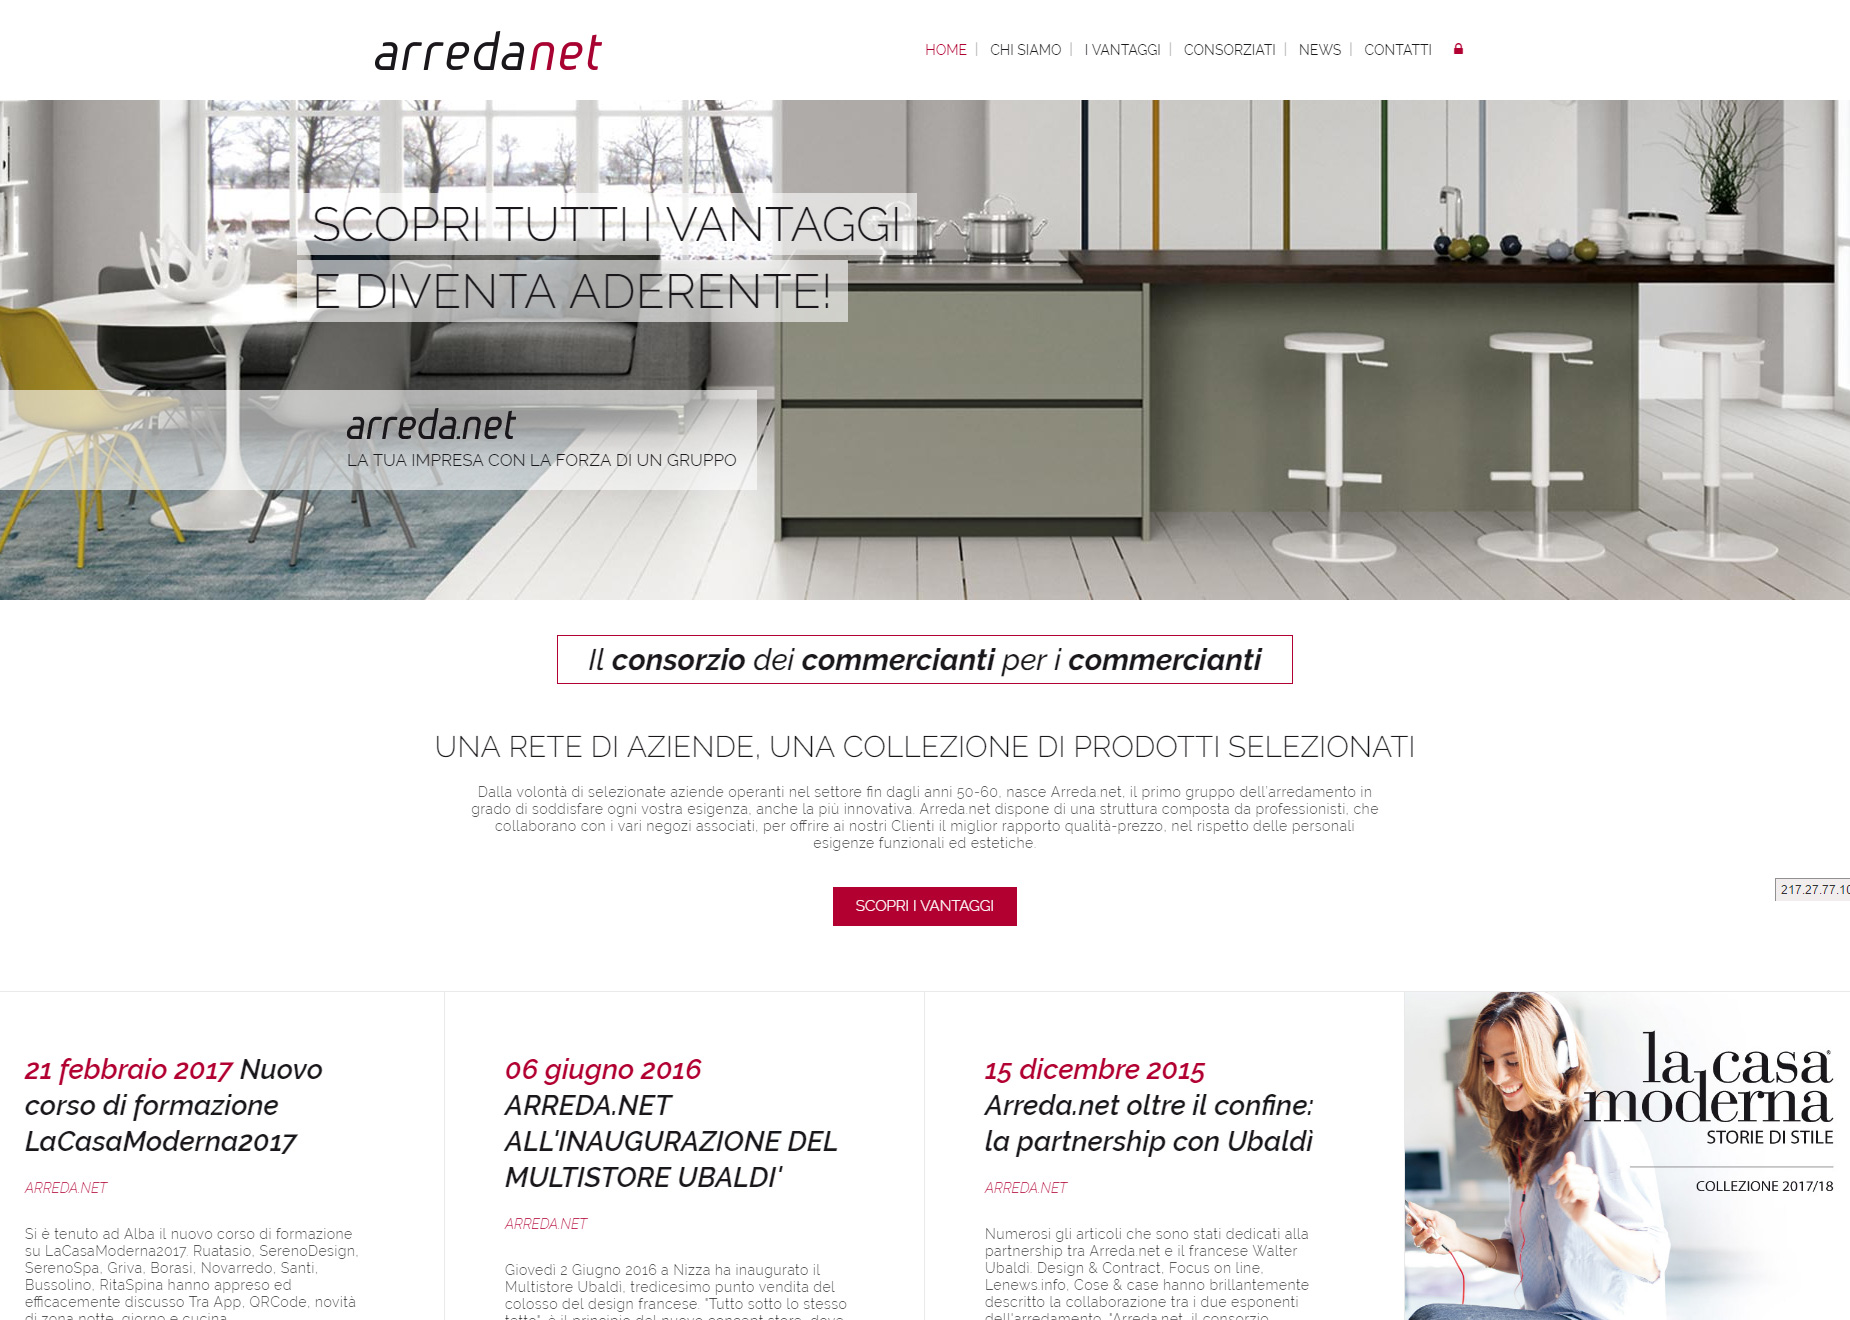 ARREDA.NET